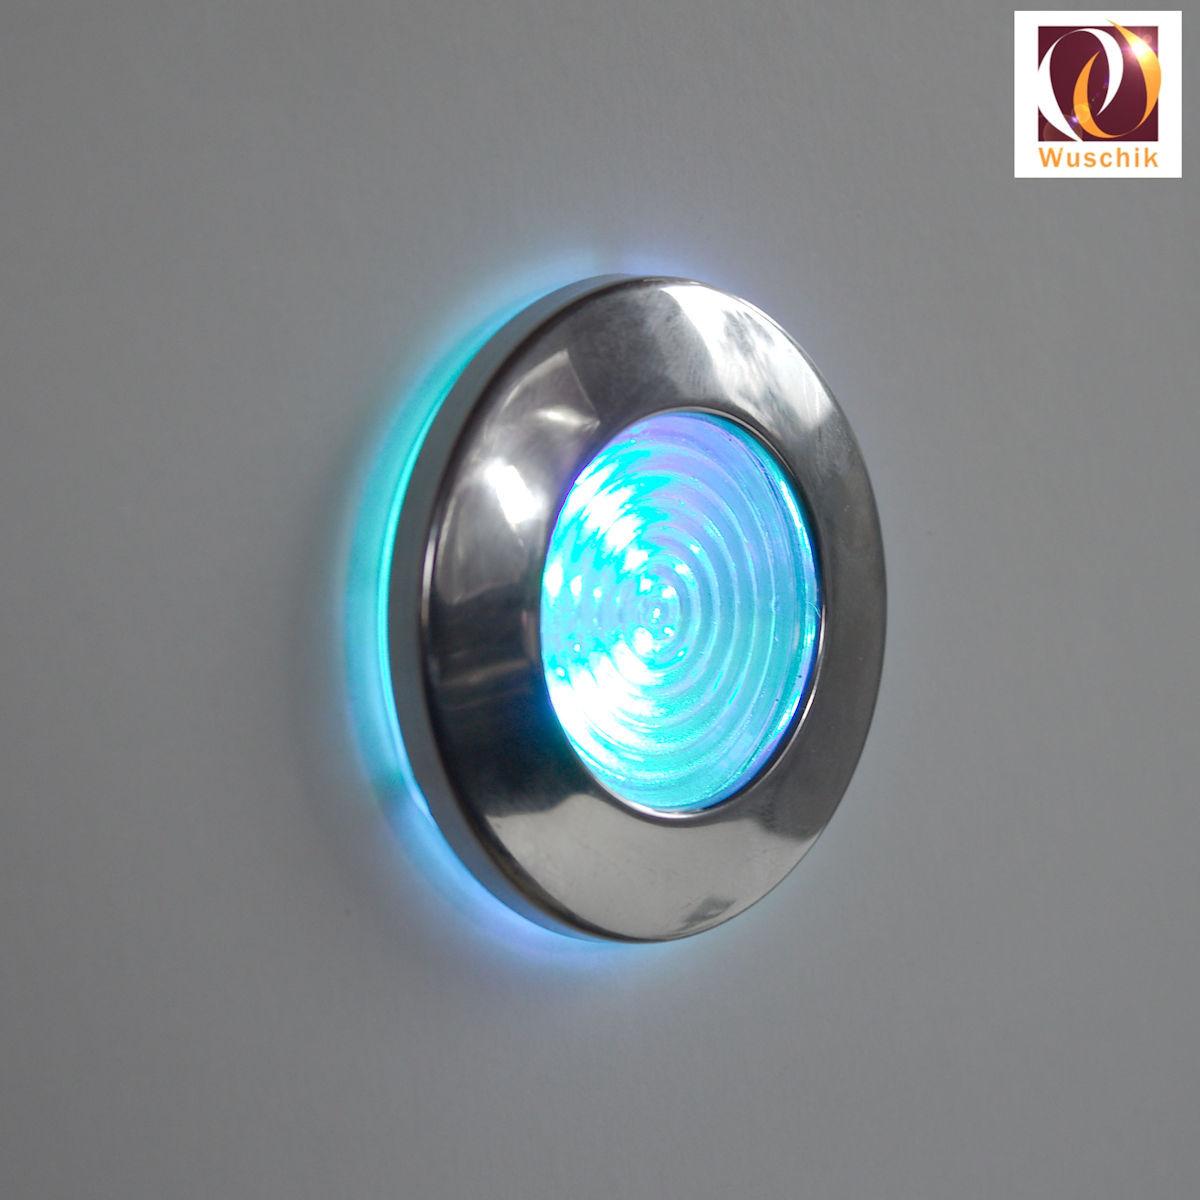 54 mm Colorlight RGB LED Starter kit stainless steel ...